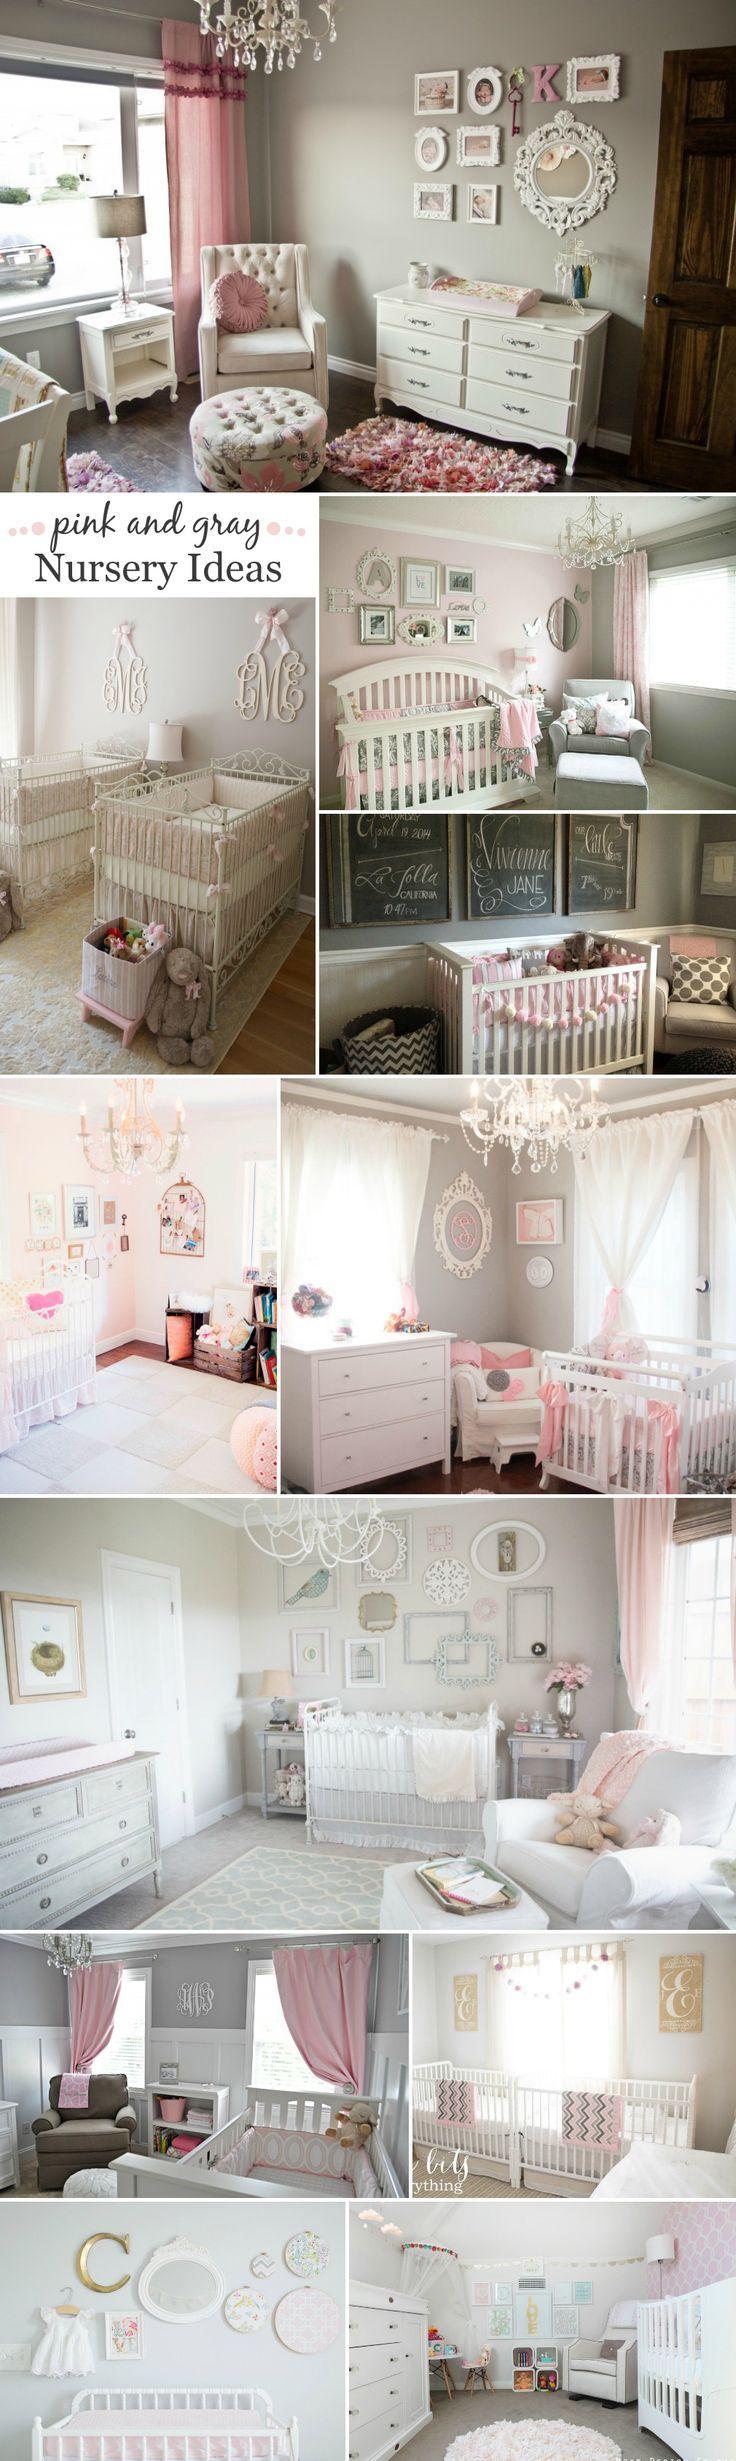 Decoracio de habitacion para bebe decoracion de for Decoracion pared bebe nina